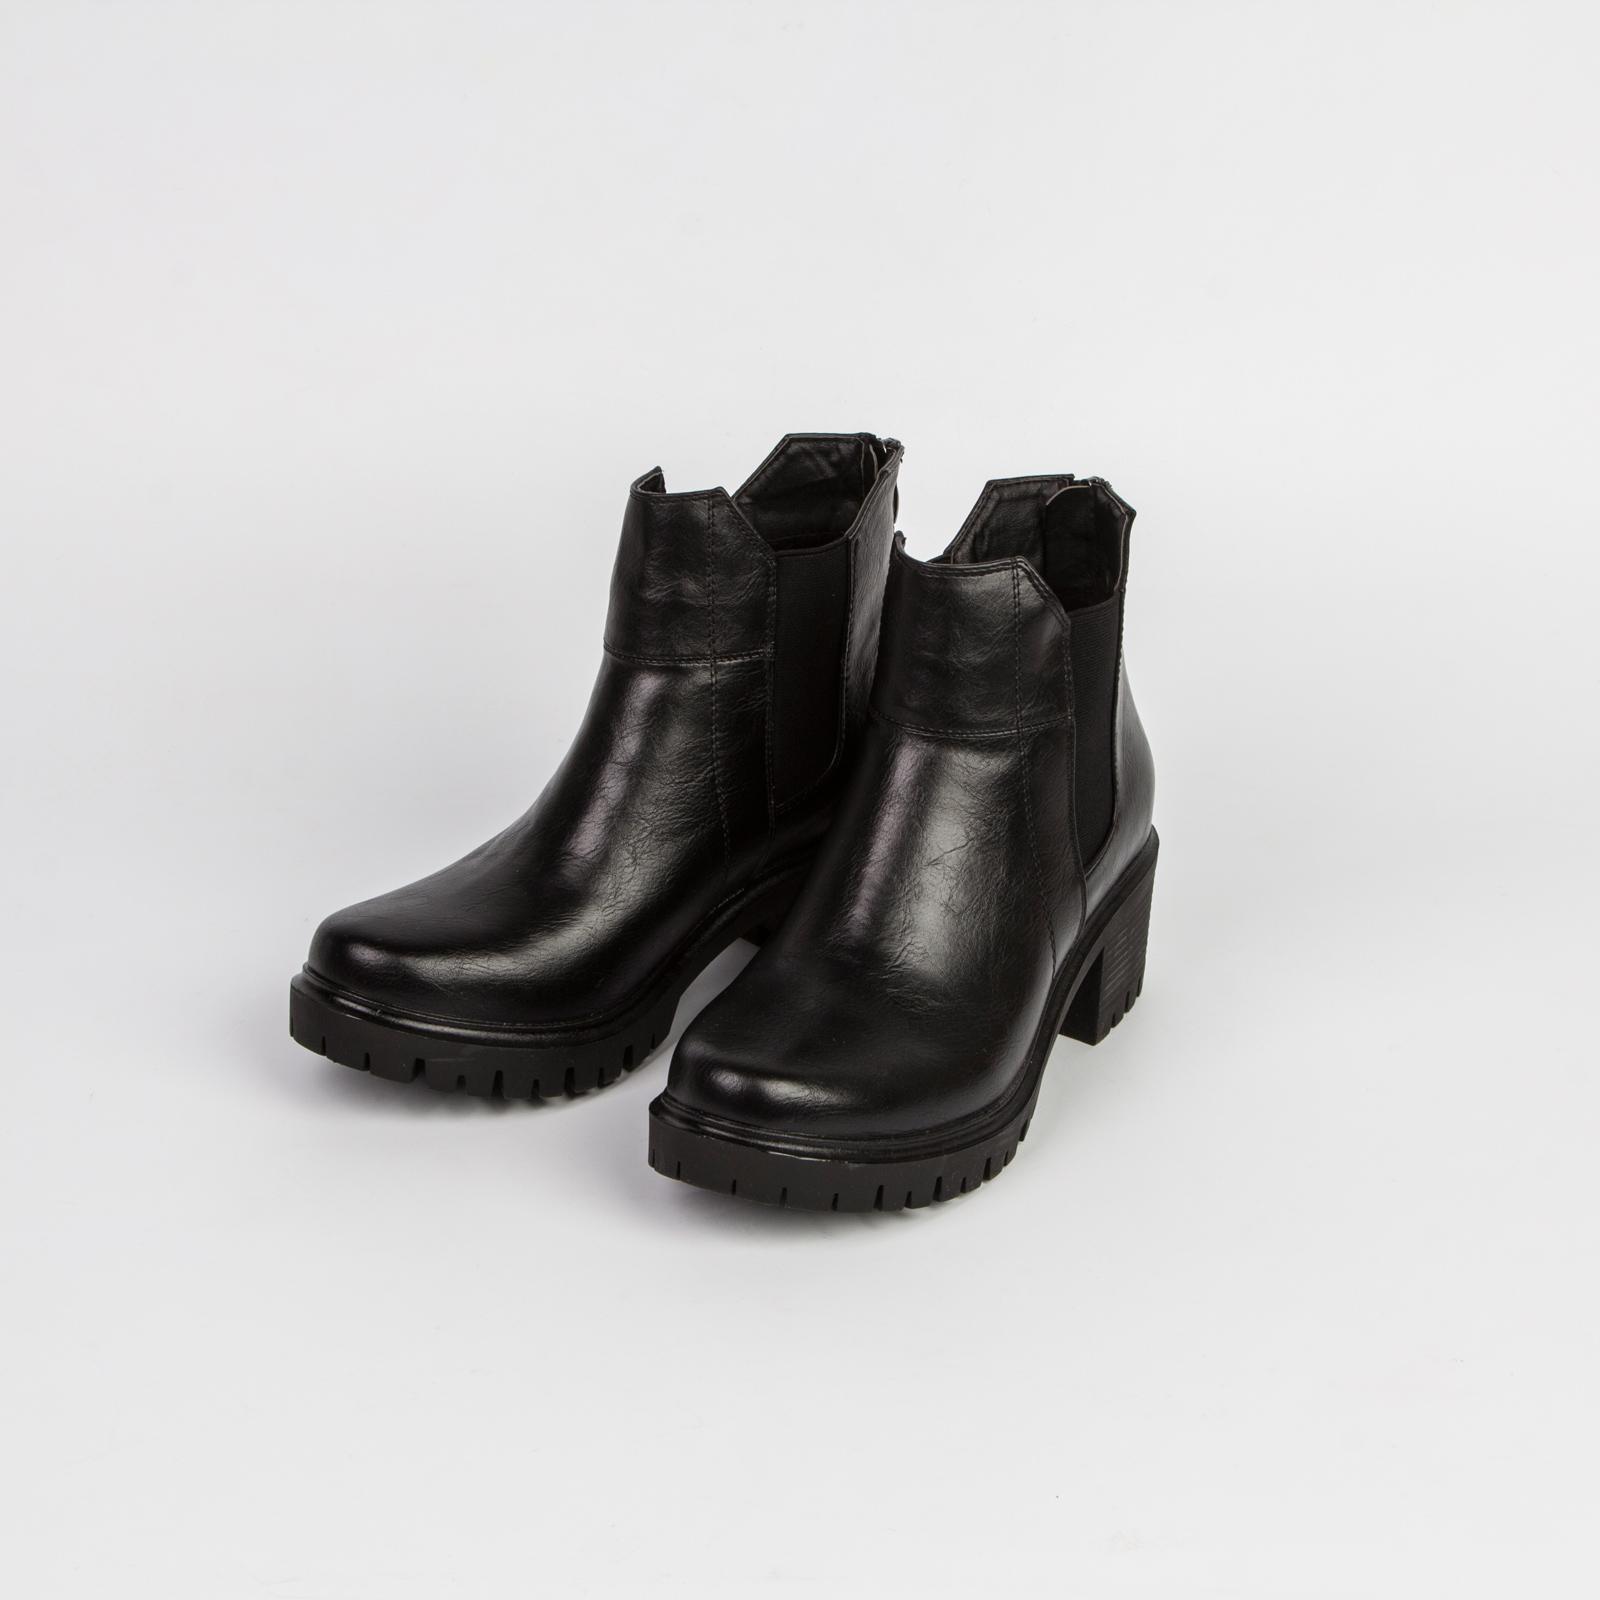 Ботинки женские на рифленой подошве в стиле «милитари»